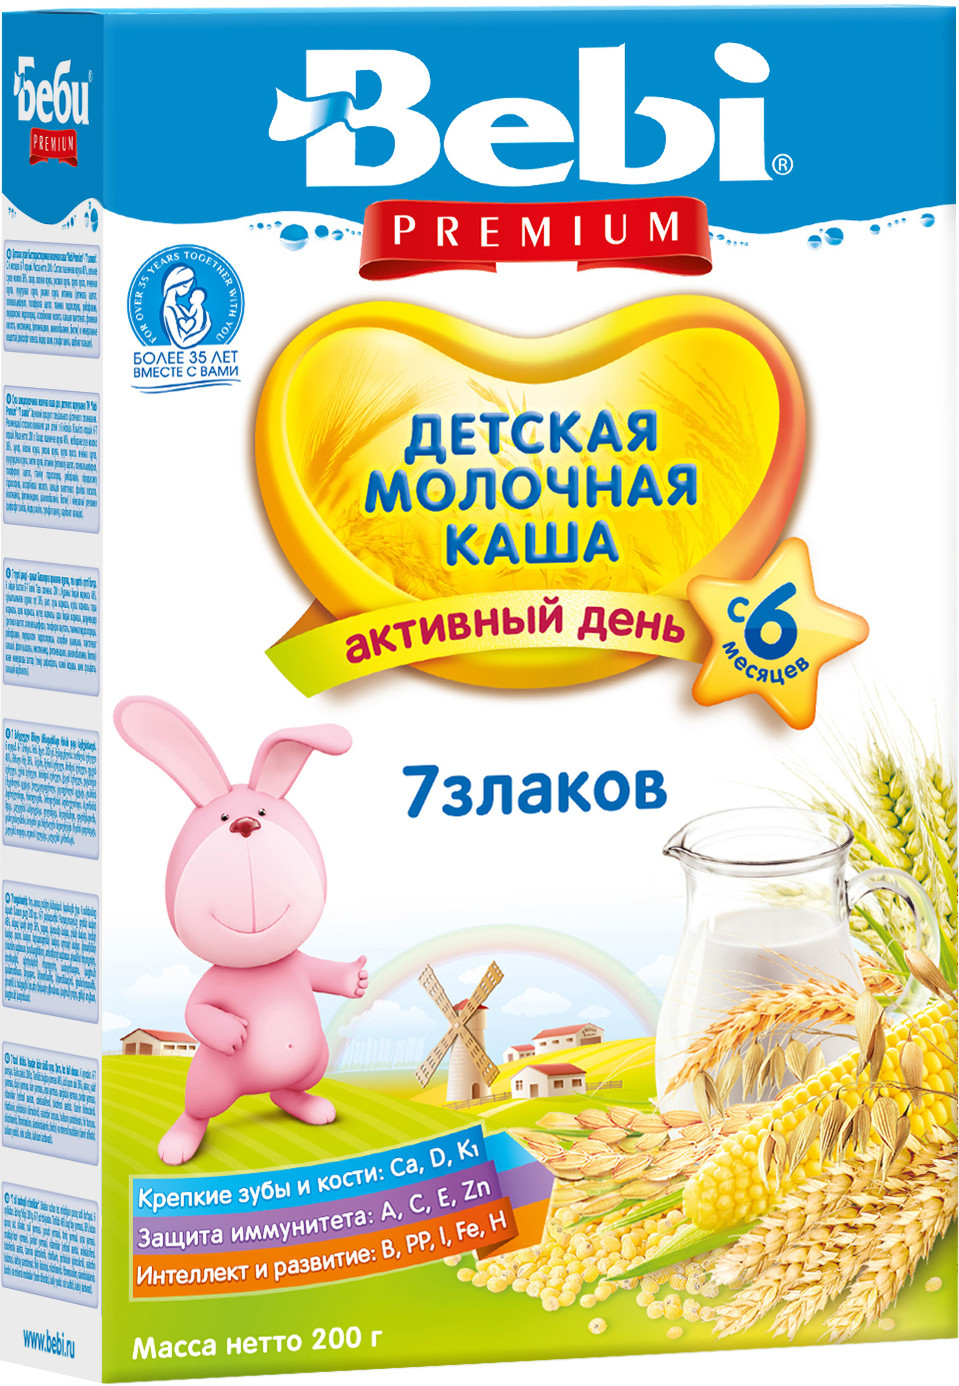 Каши Bebi Каша молочная Bebi Premium 7 злаков с 6 мес. 200 г молочная продукция беллакт молоко стерилизованное с витаминами а с 2 5% 8 мес 200 мл